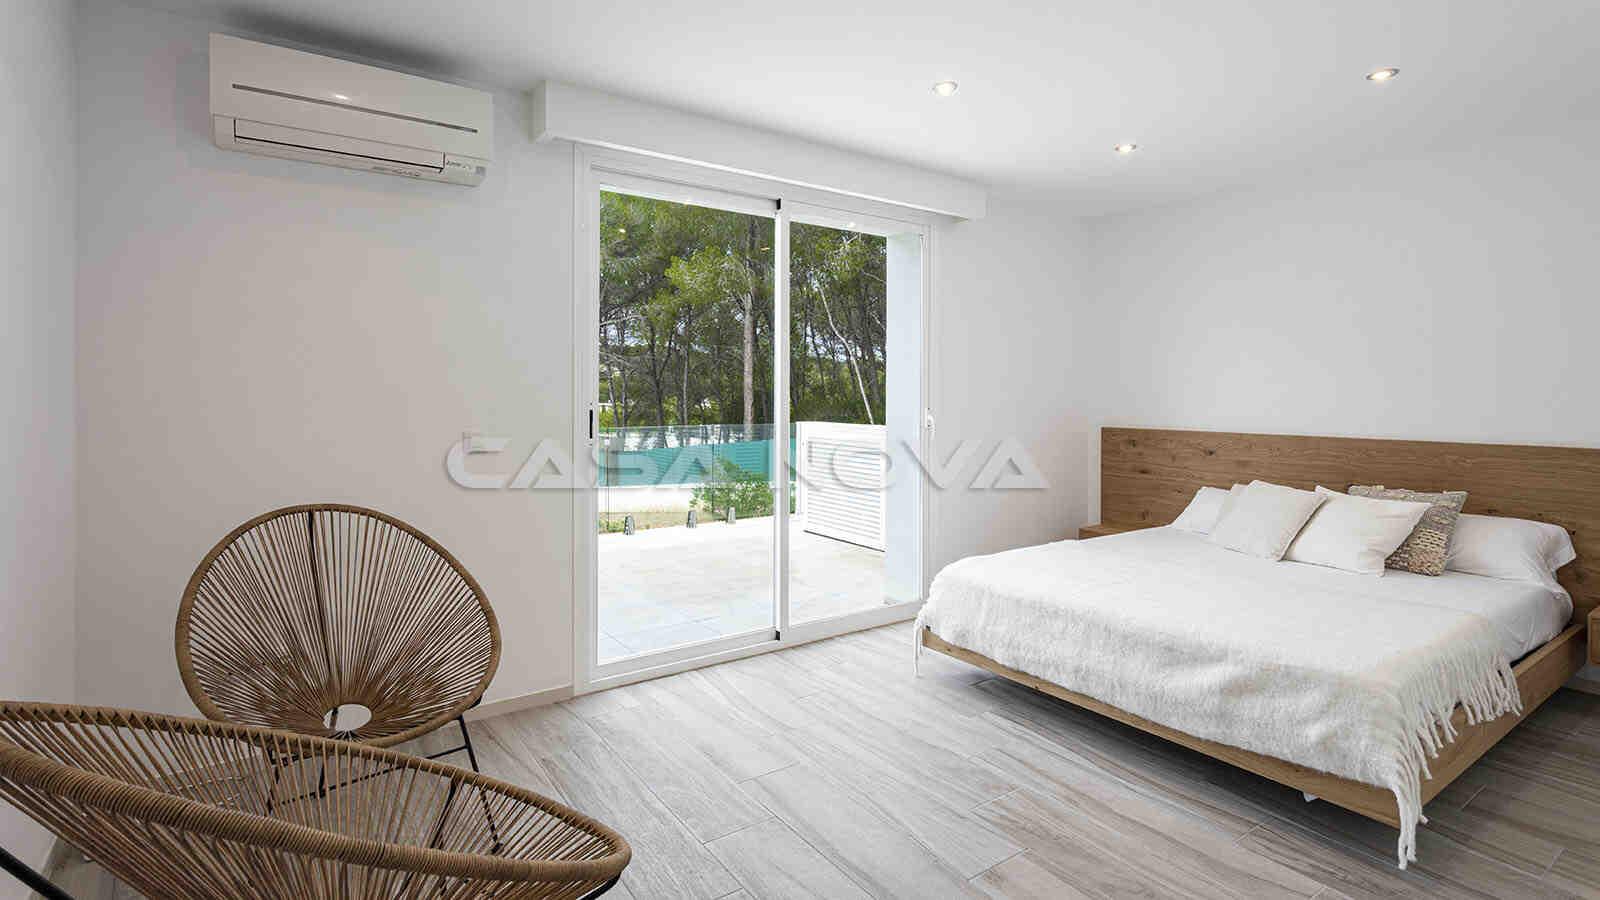 Tolles Hauptschlafzimmer mit privatem Terrassenzugang